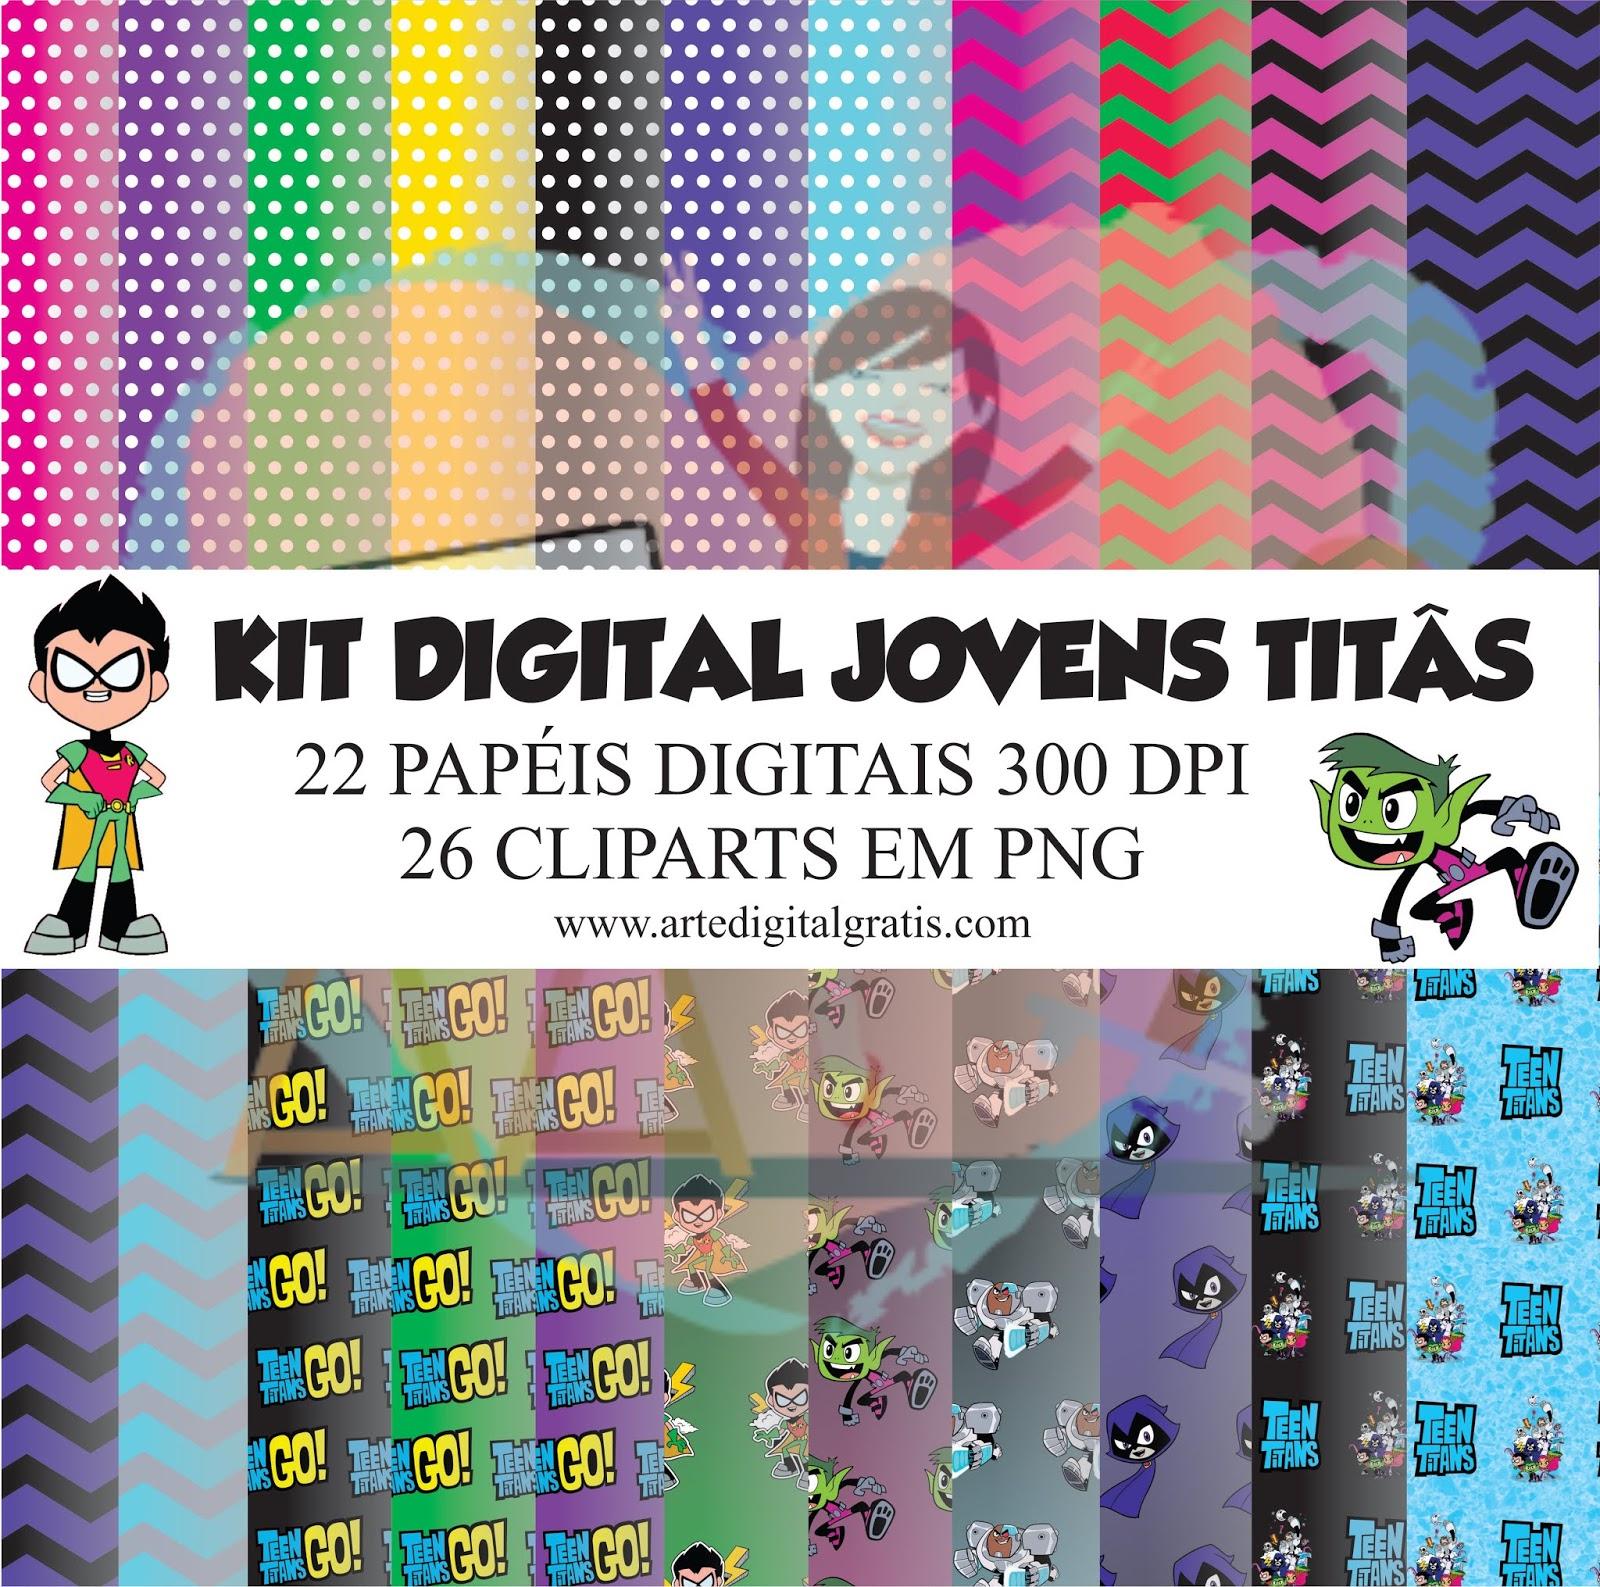 Kit Digital Jovens Titãs Grátis Artes Digitais Grátis